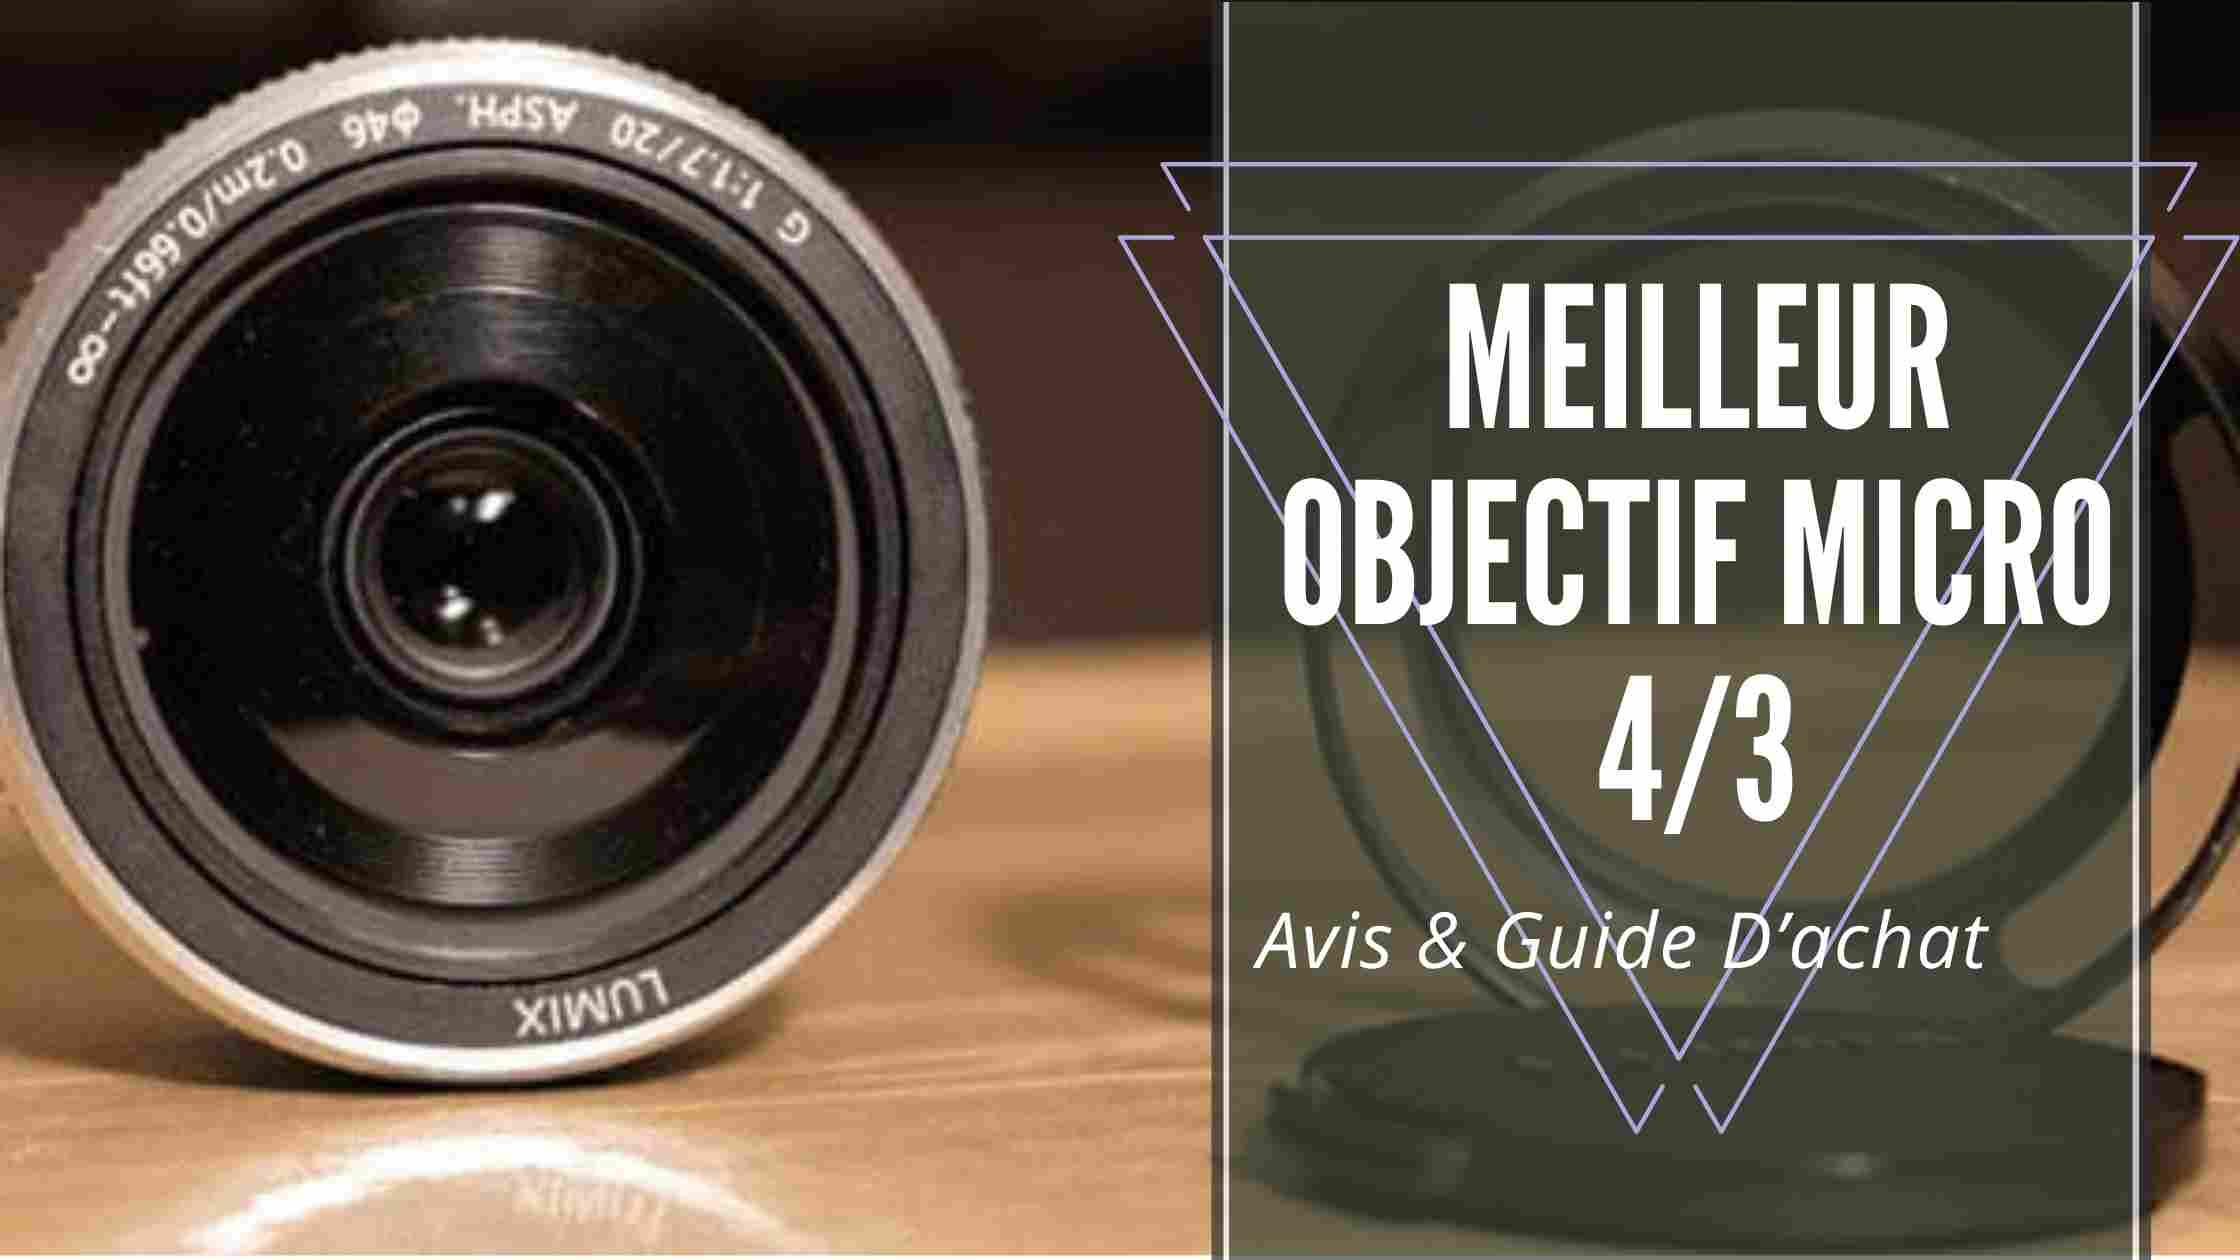 Meilleur Objectif Micro 4/3